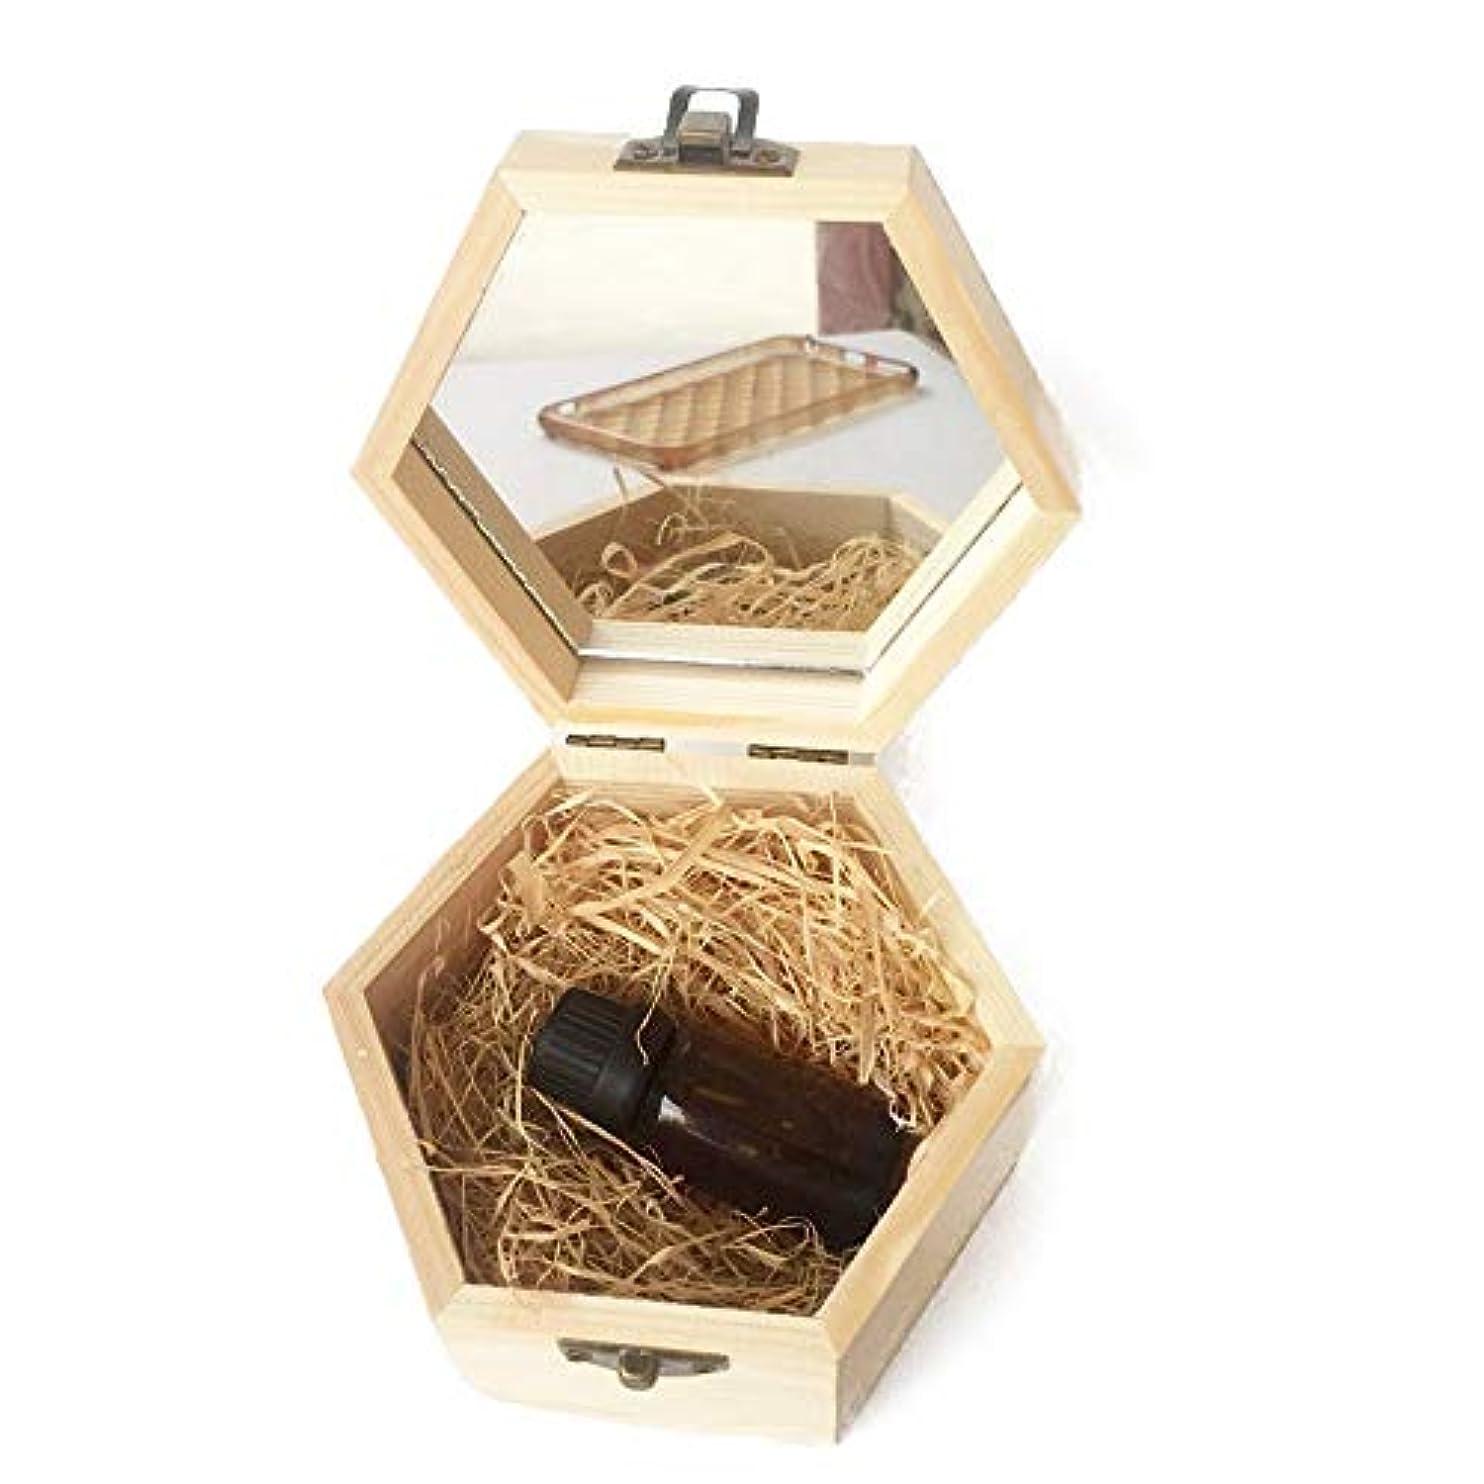 膨らみトロイの木馬バルーンエッセンシャルオイル収納ボックス アロマ13x11.3x6.8cmのエッセンシャルオイル木箱の品質の収納ケース (色 : Natural, サイズ : 13X11.3X6.8CM)